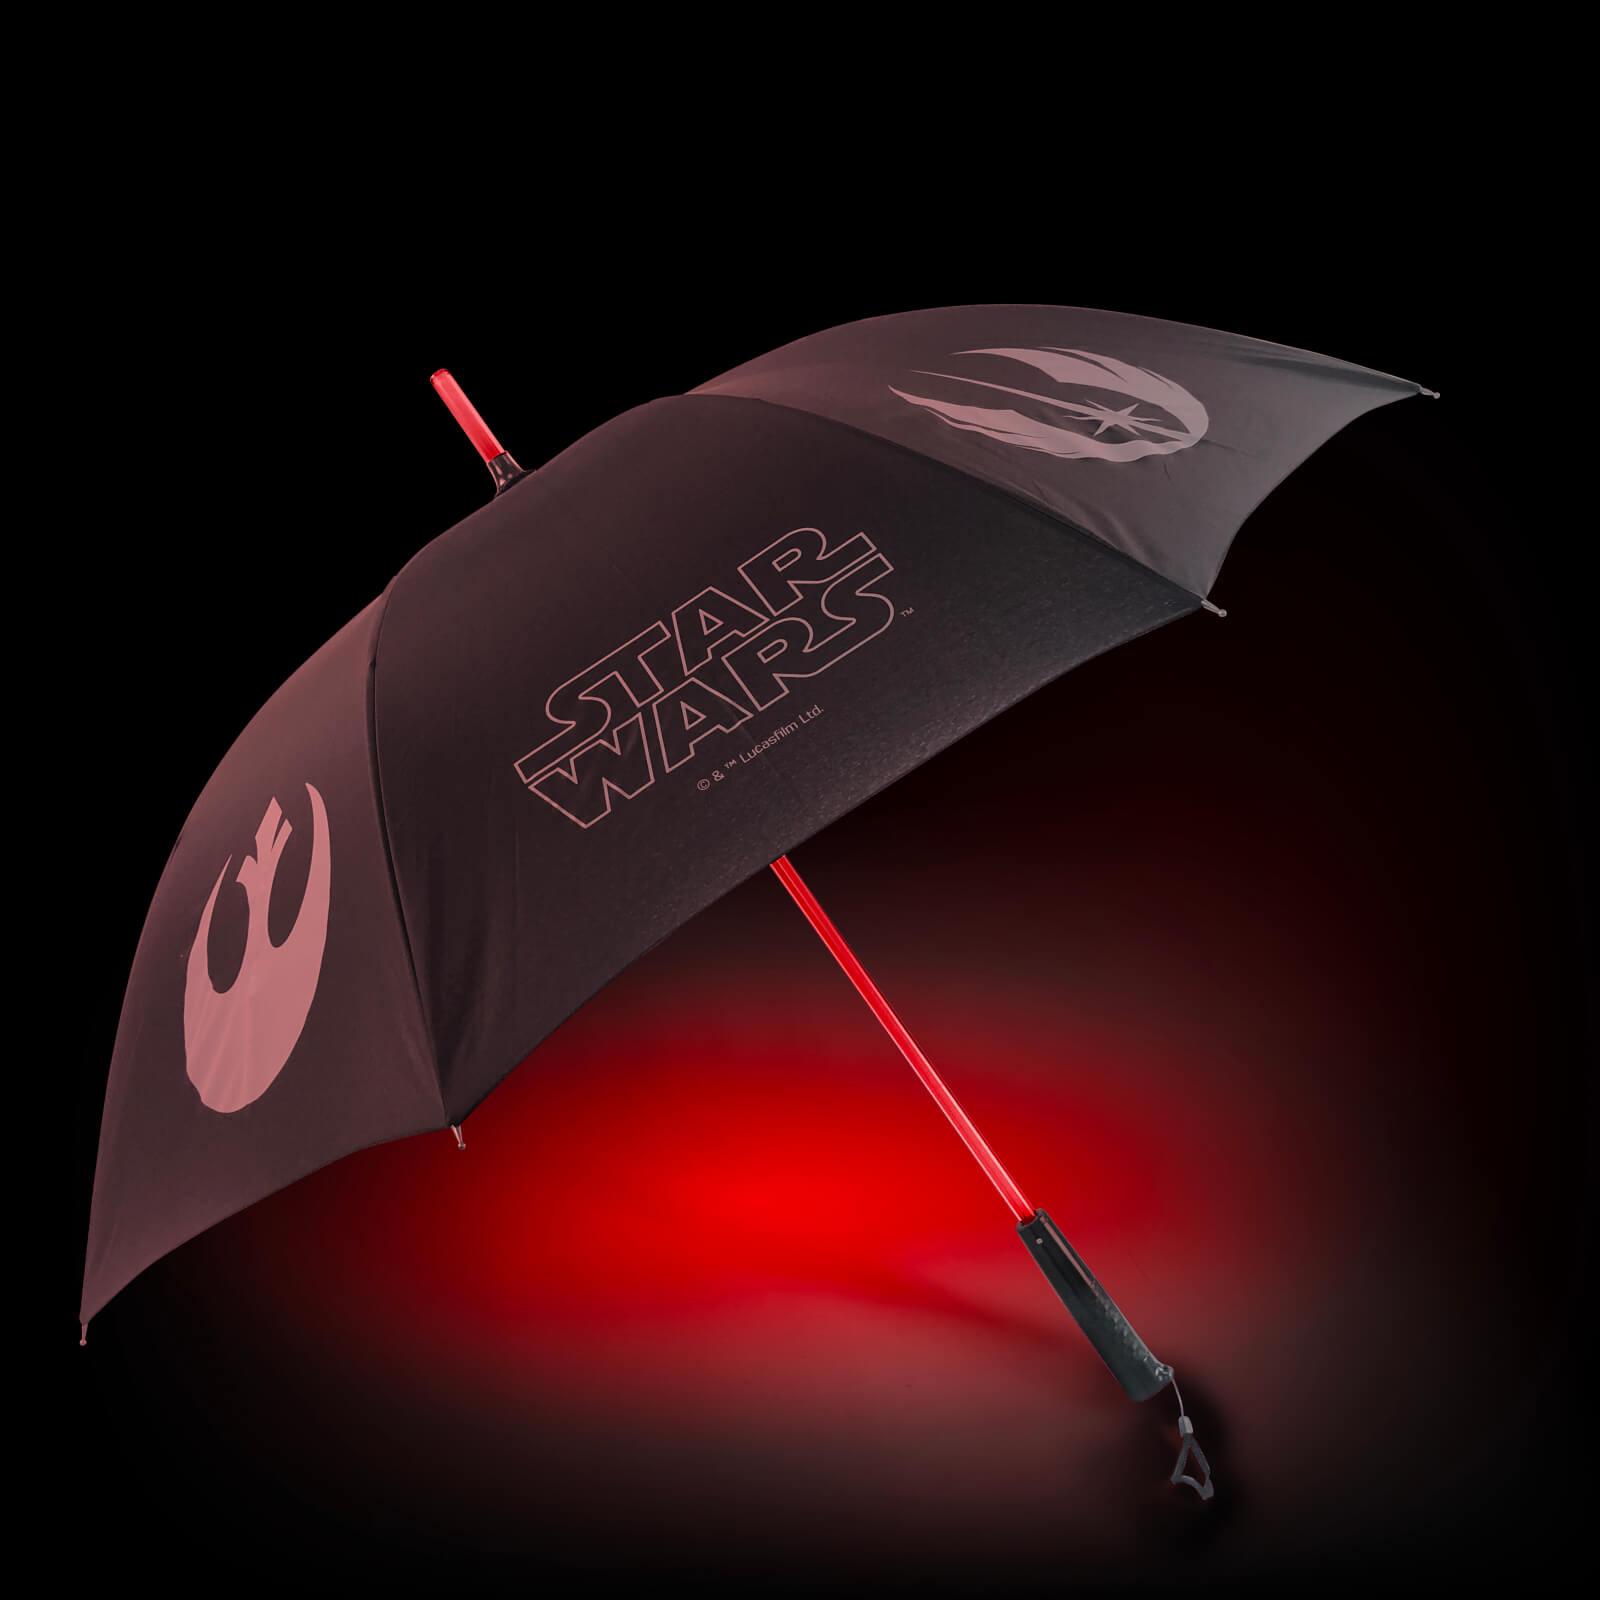 (pre-order 30/12) Star Wars lightsaber paraplu met licht (rood of blauw) @ zavvi